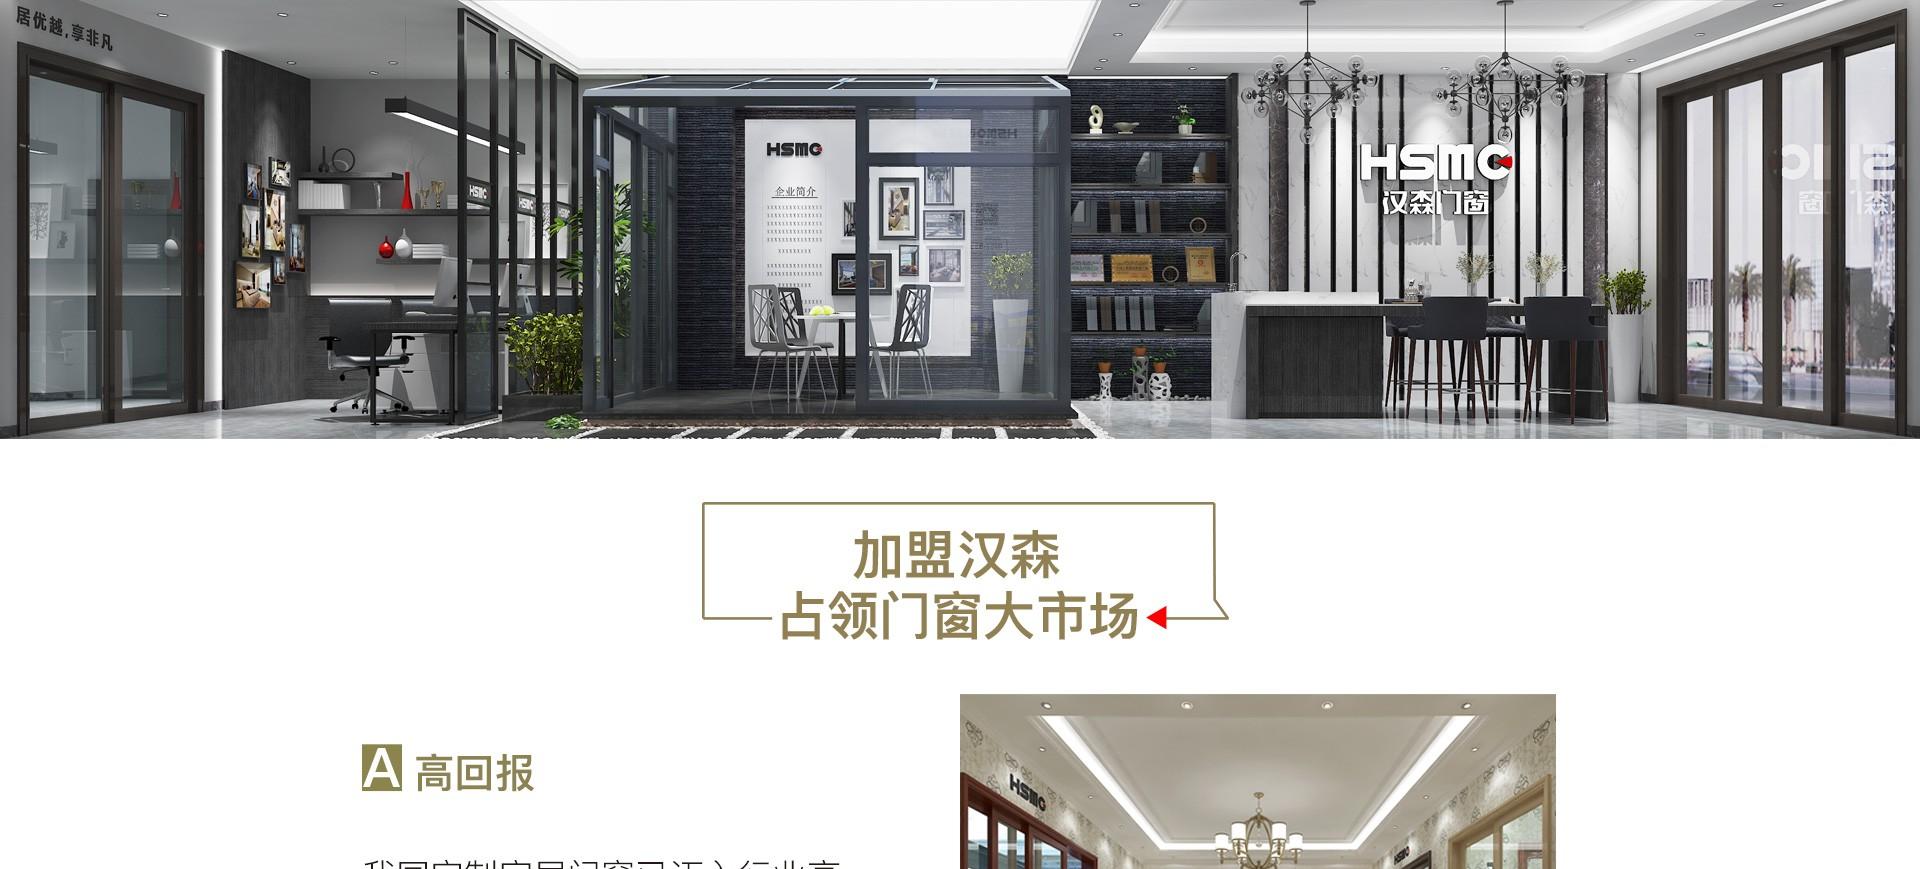 淘宝招商加盟页面最终1_09.jpg